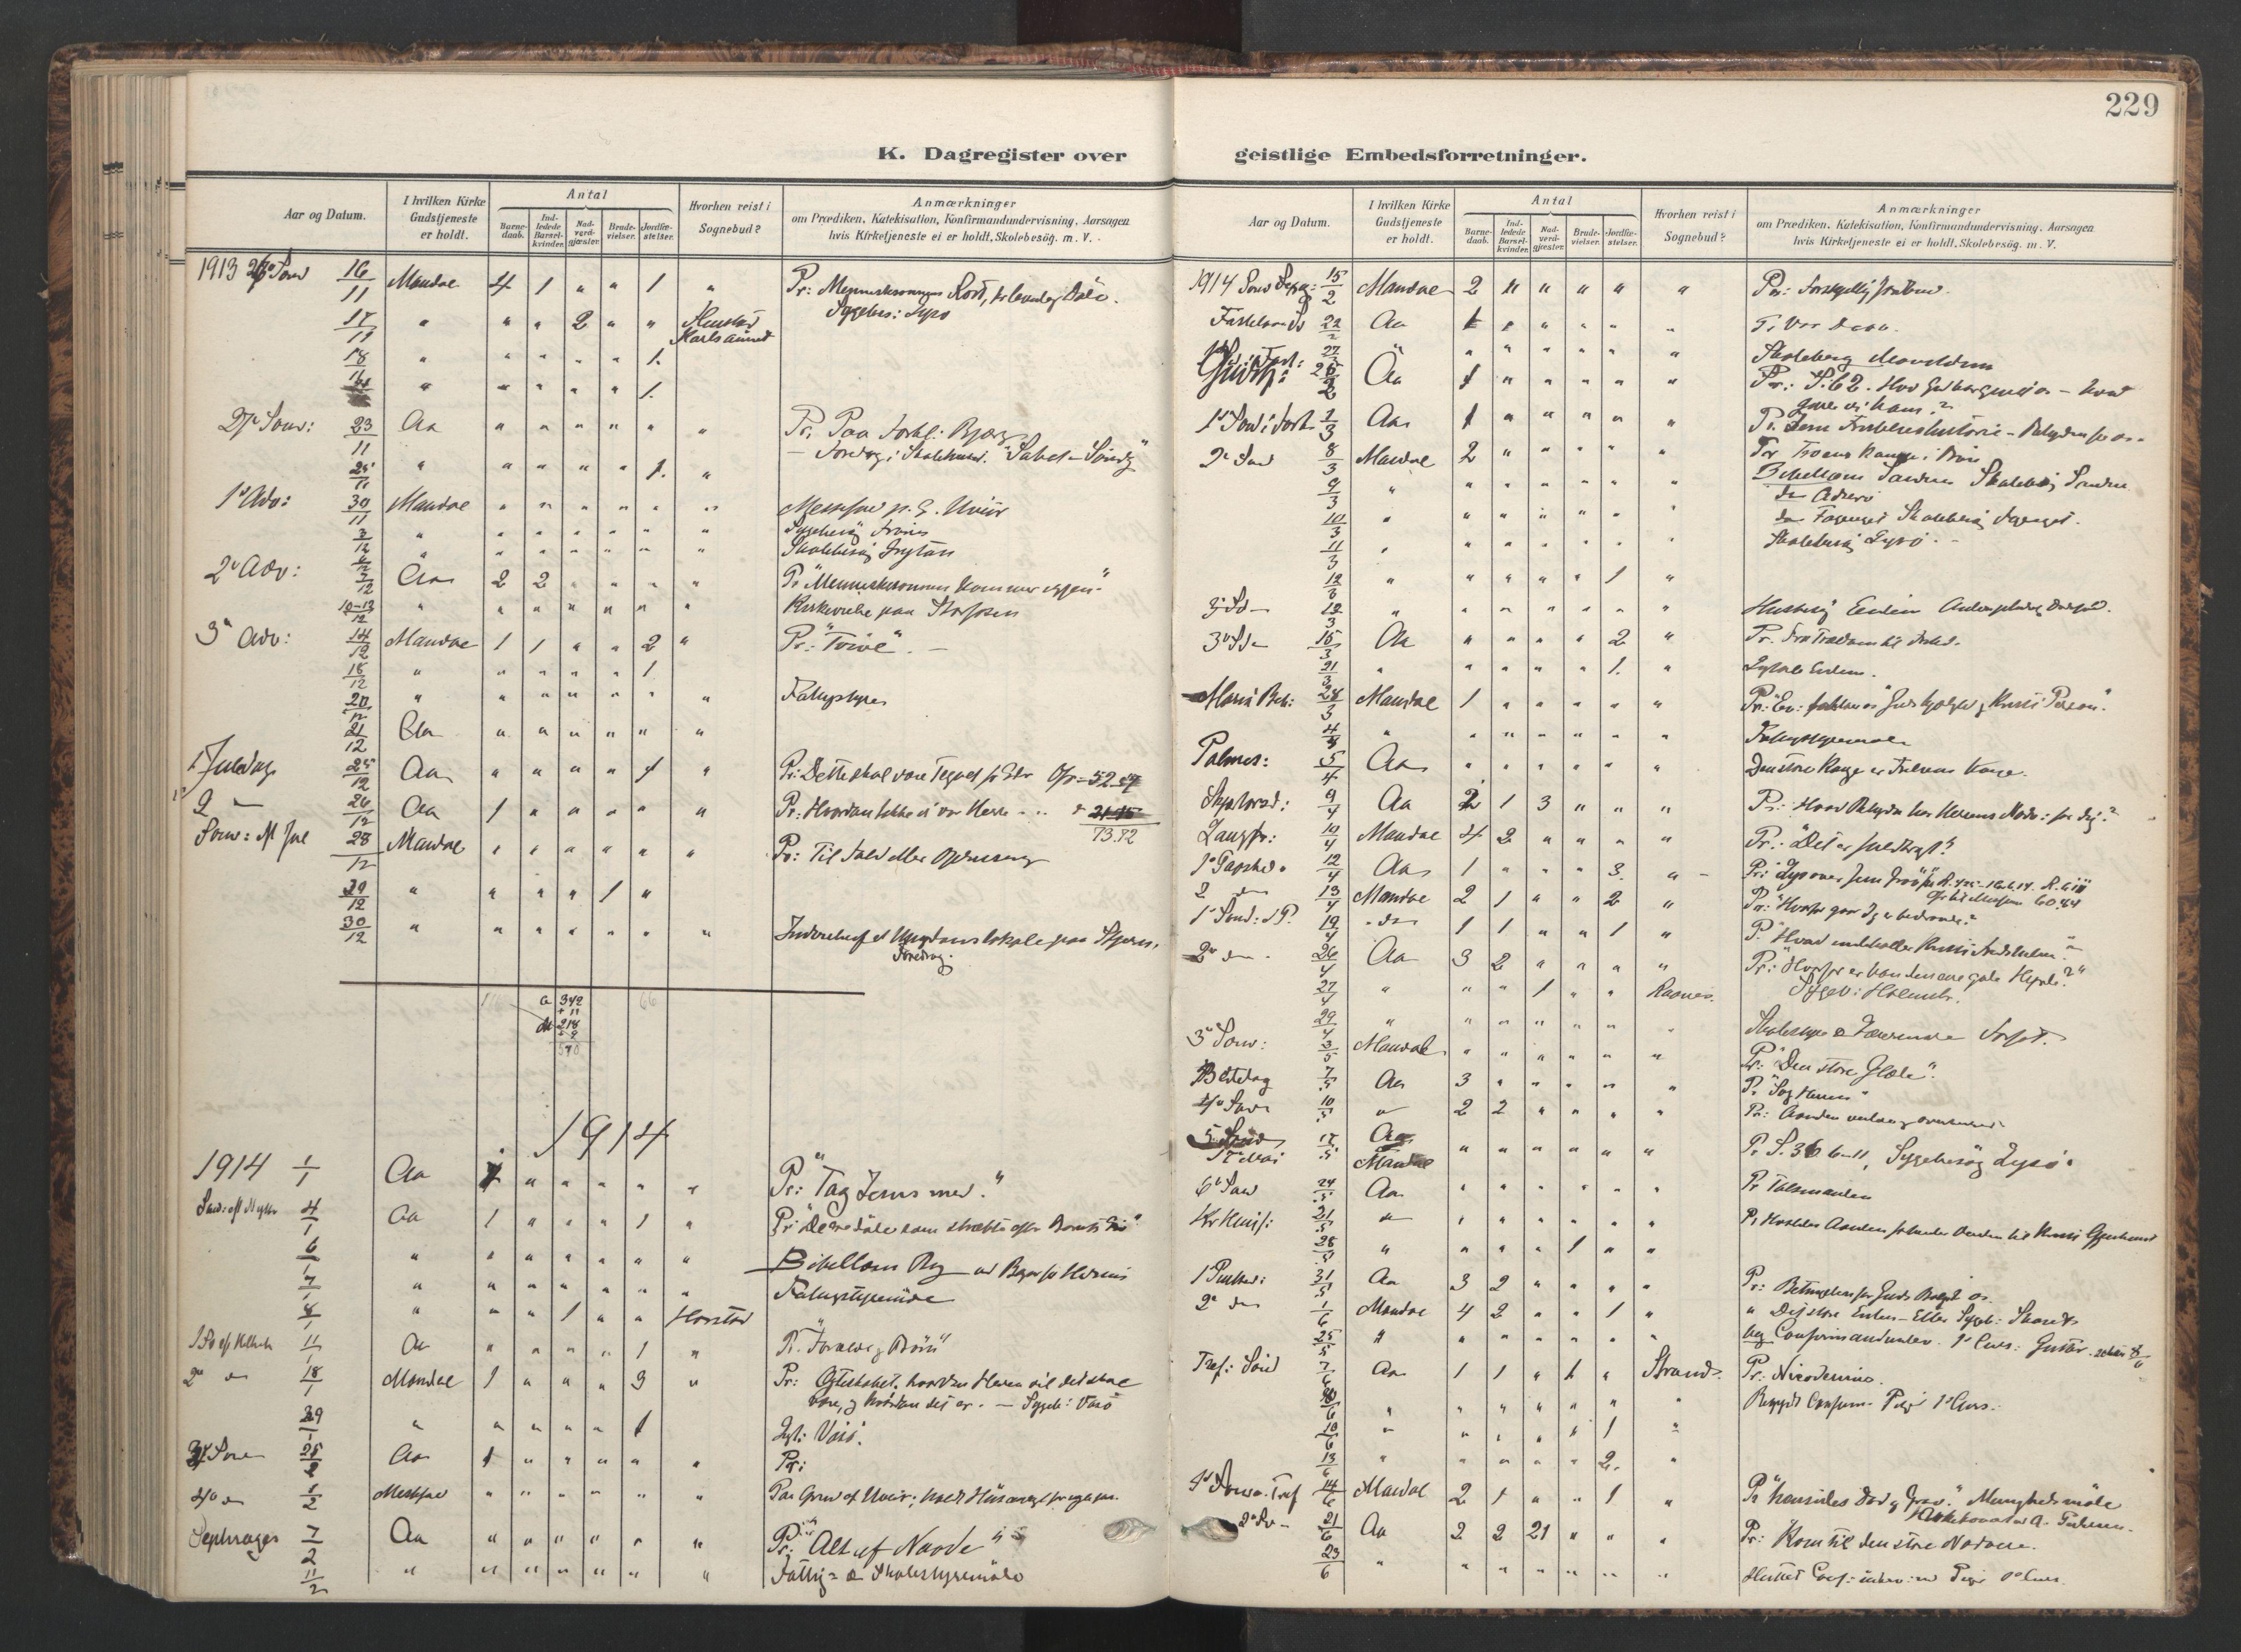 SAT, Ministerialprotokoller, klokkerbøker og fødselsregistre - Sør-Trøndelag, 655/L0682: Ministerialbok nr. 655A11, 1908-1922, s. 229